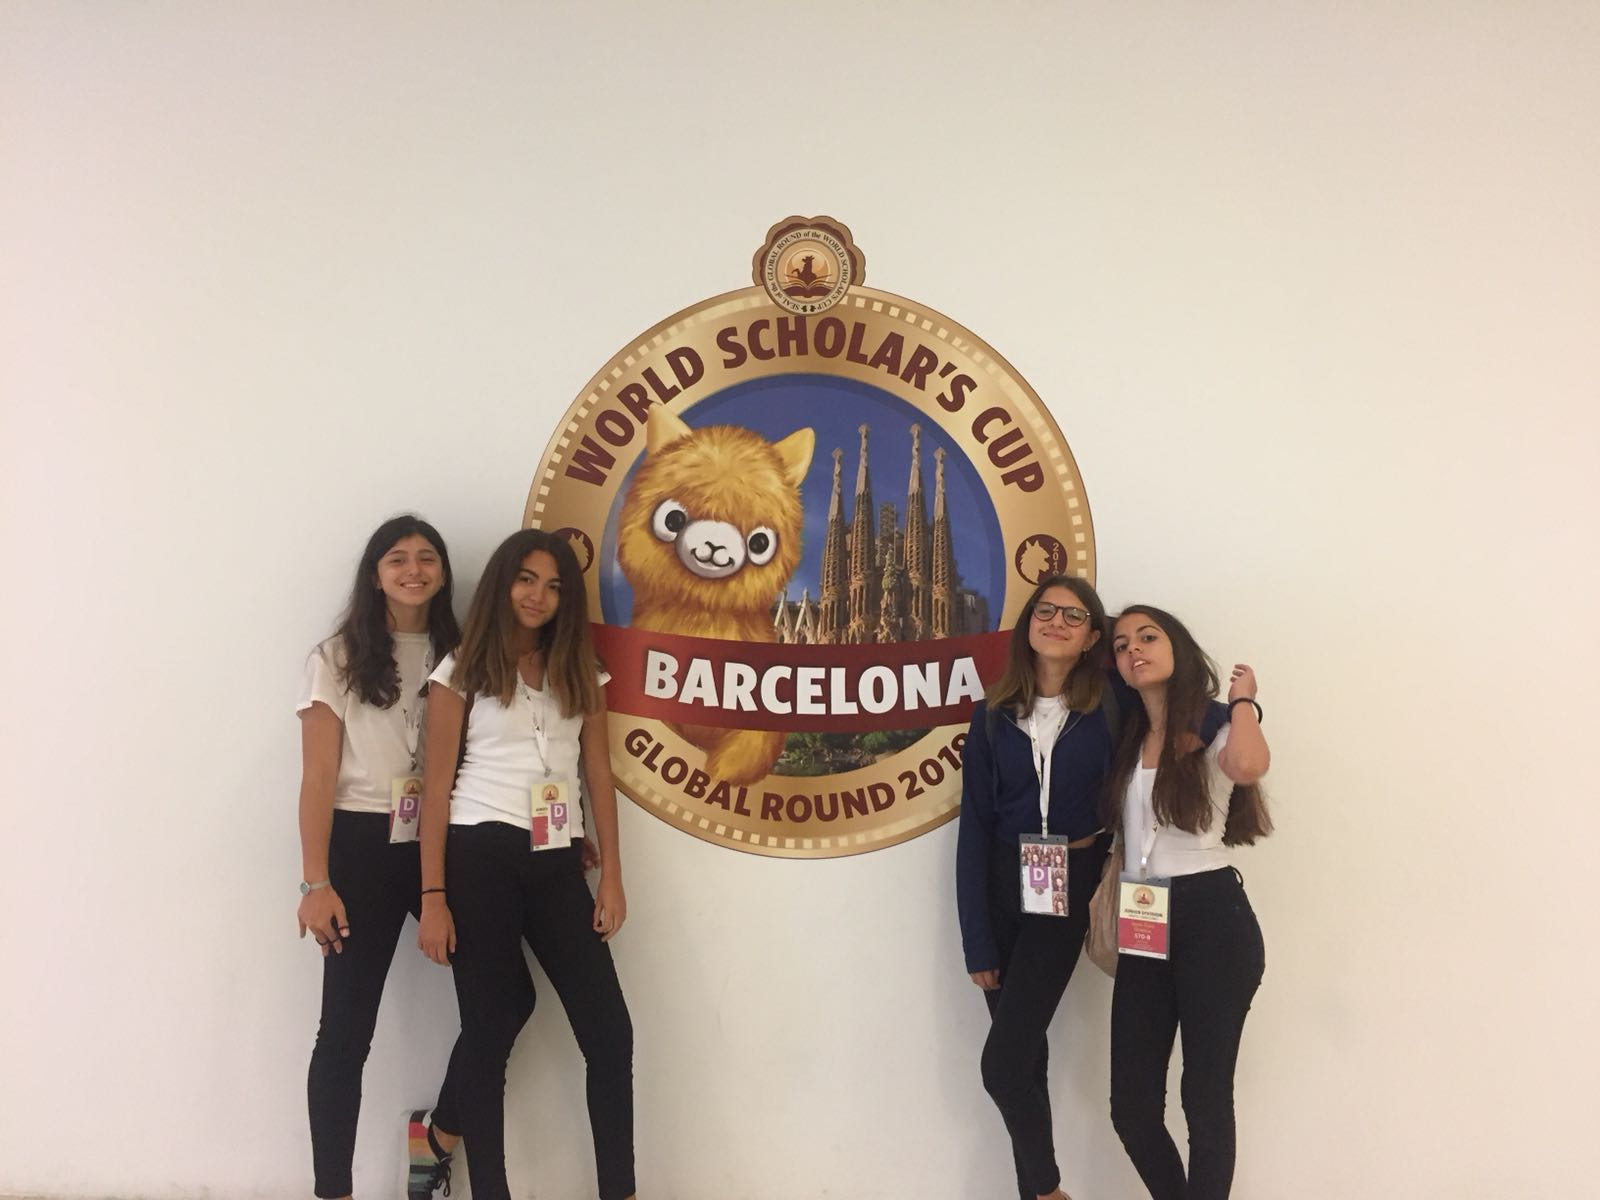 Küçük Kız Takımı sporcumuz Bilge Tercan'ın World Scholar's Cup Başarısı